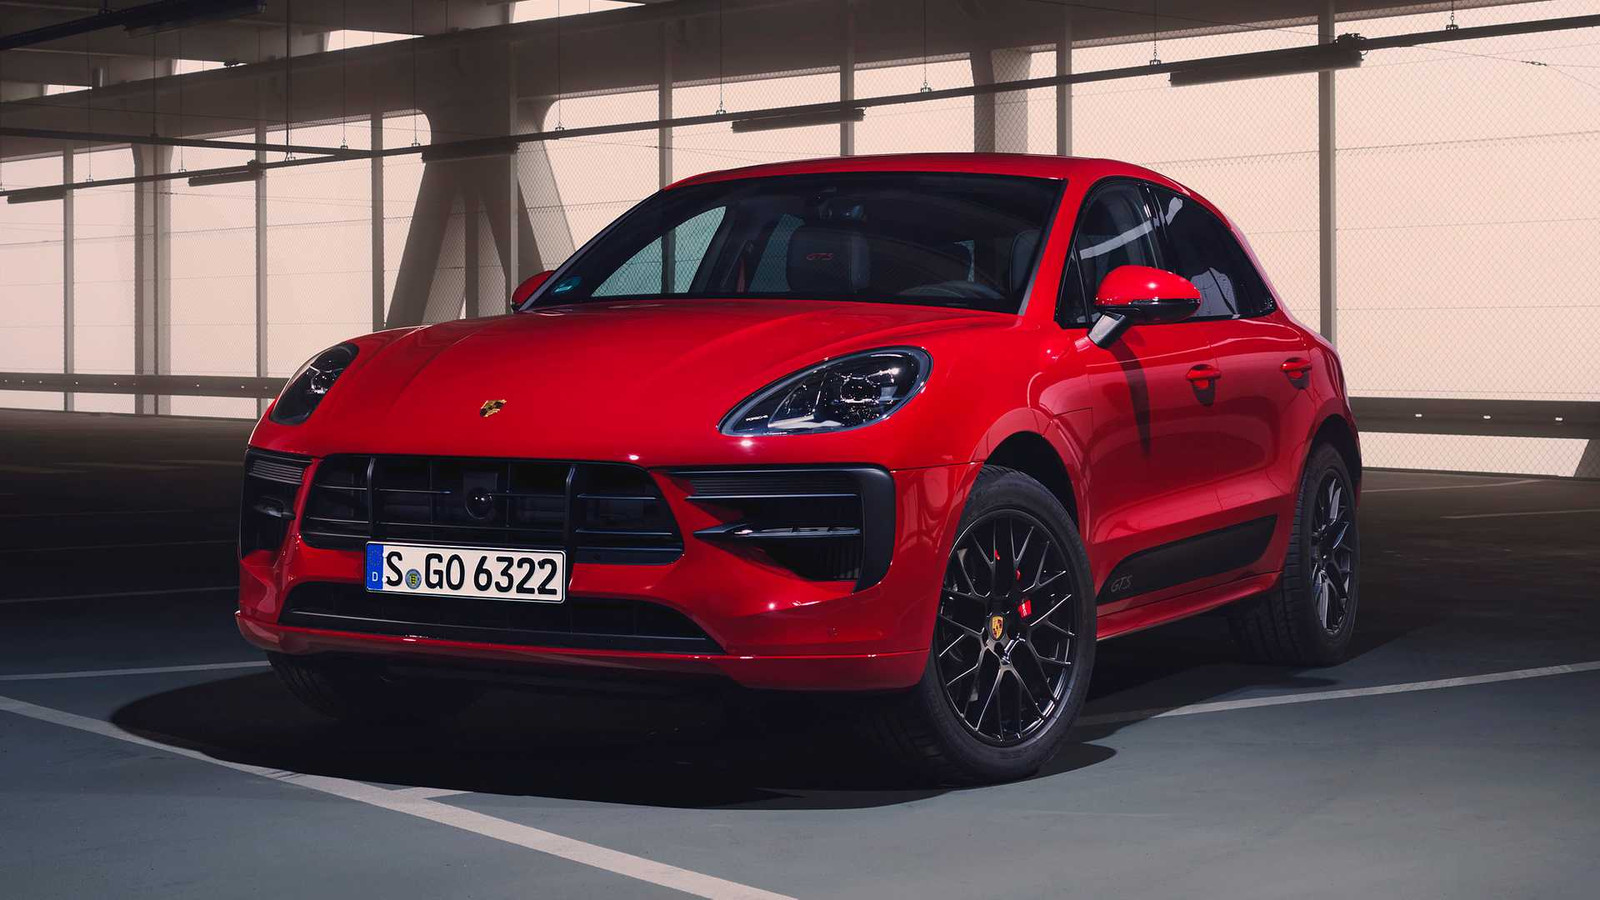 La Porsche Macan fait partie des voitures qui se vendront le mieux sur le marché de l'occasion.